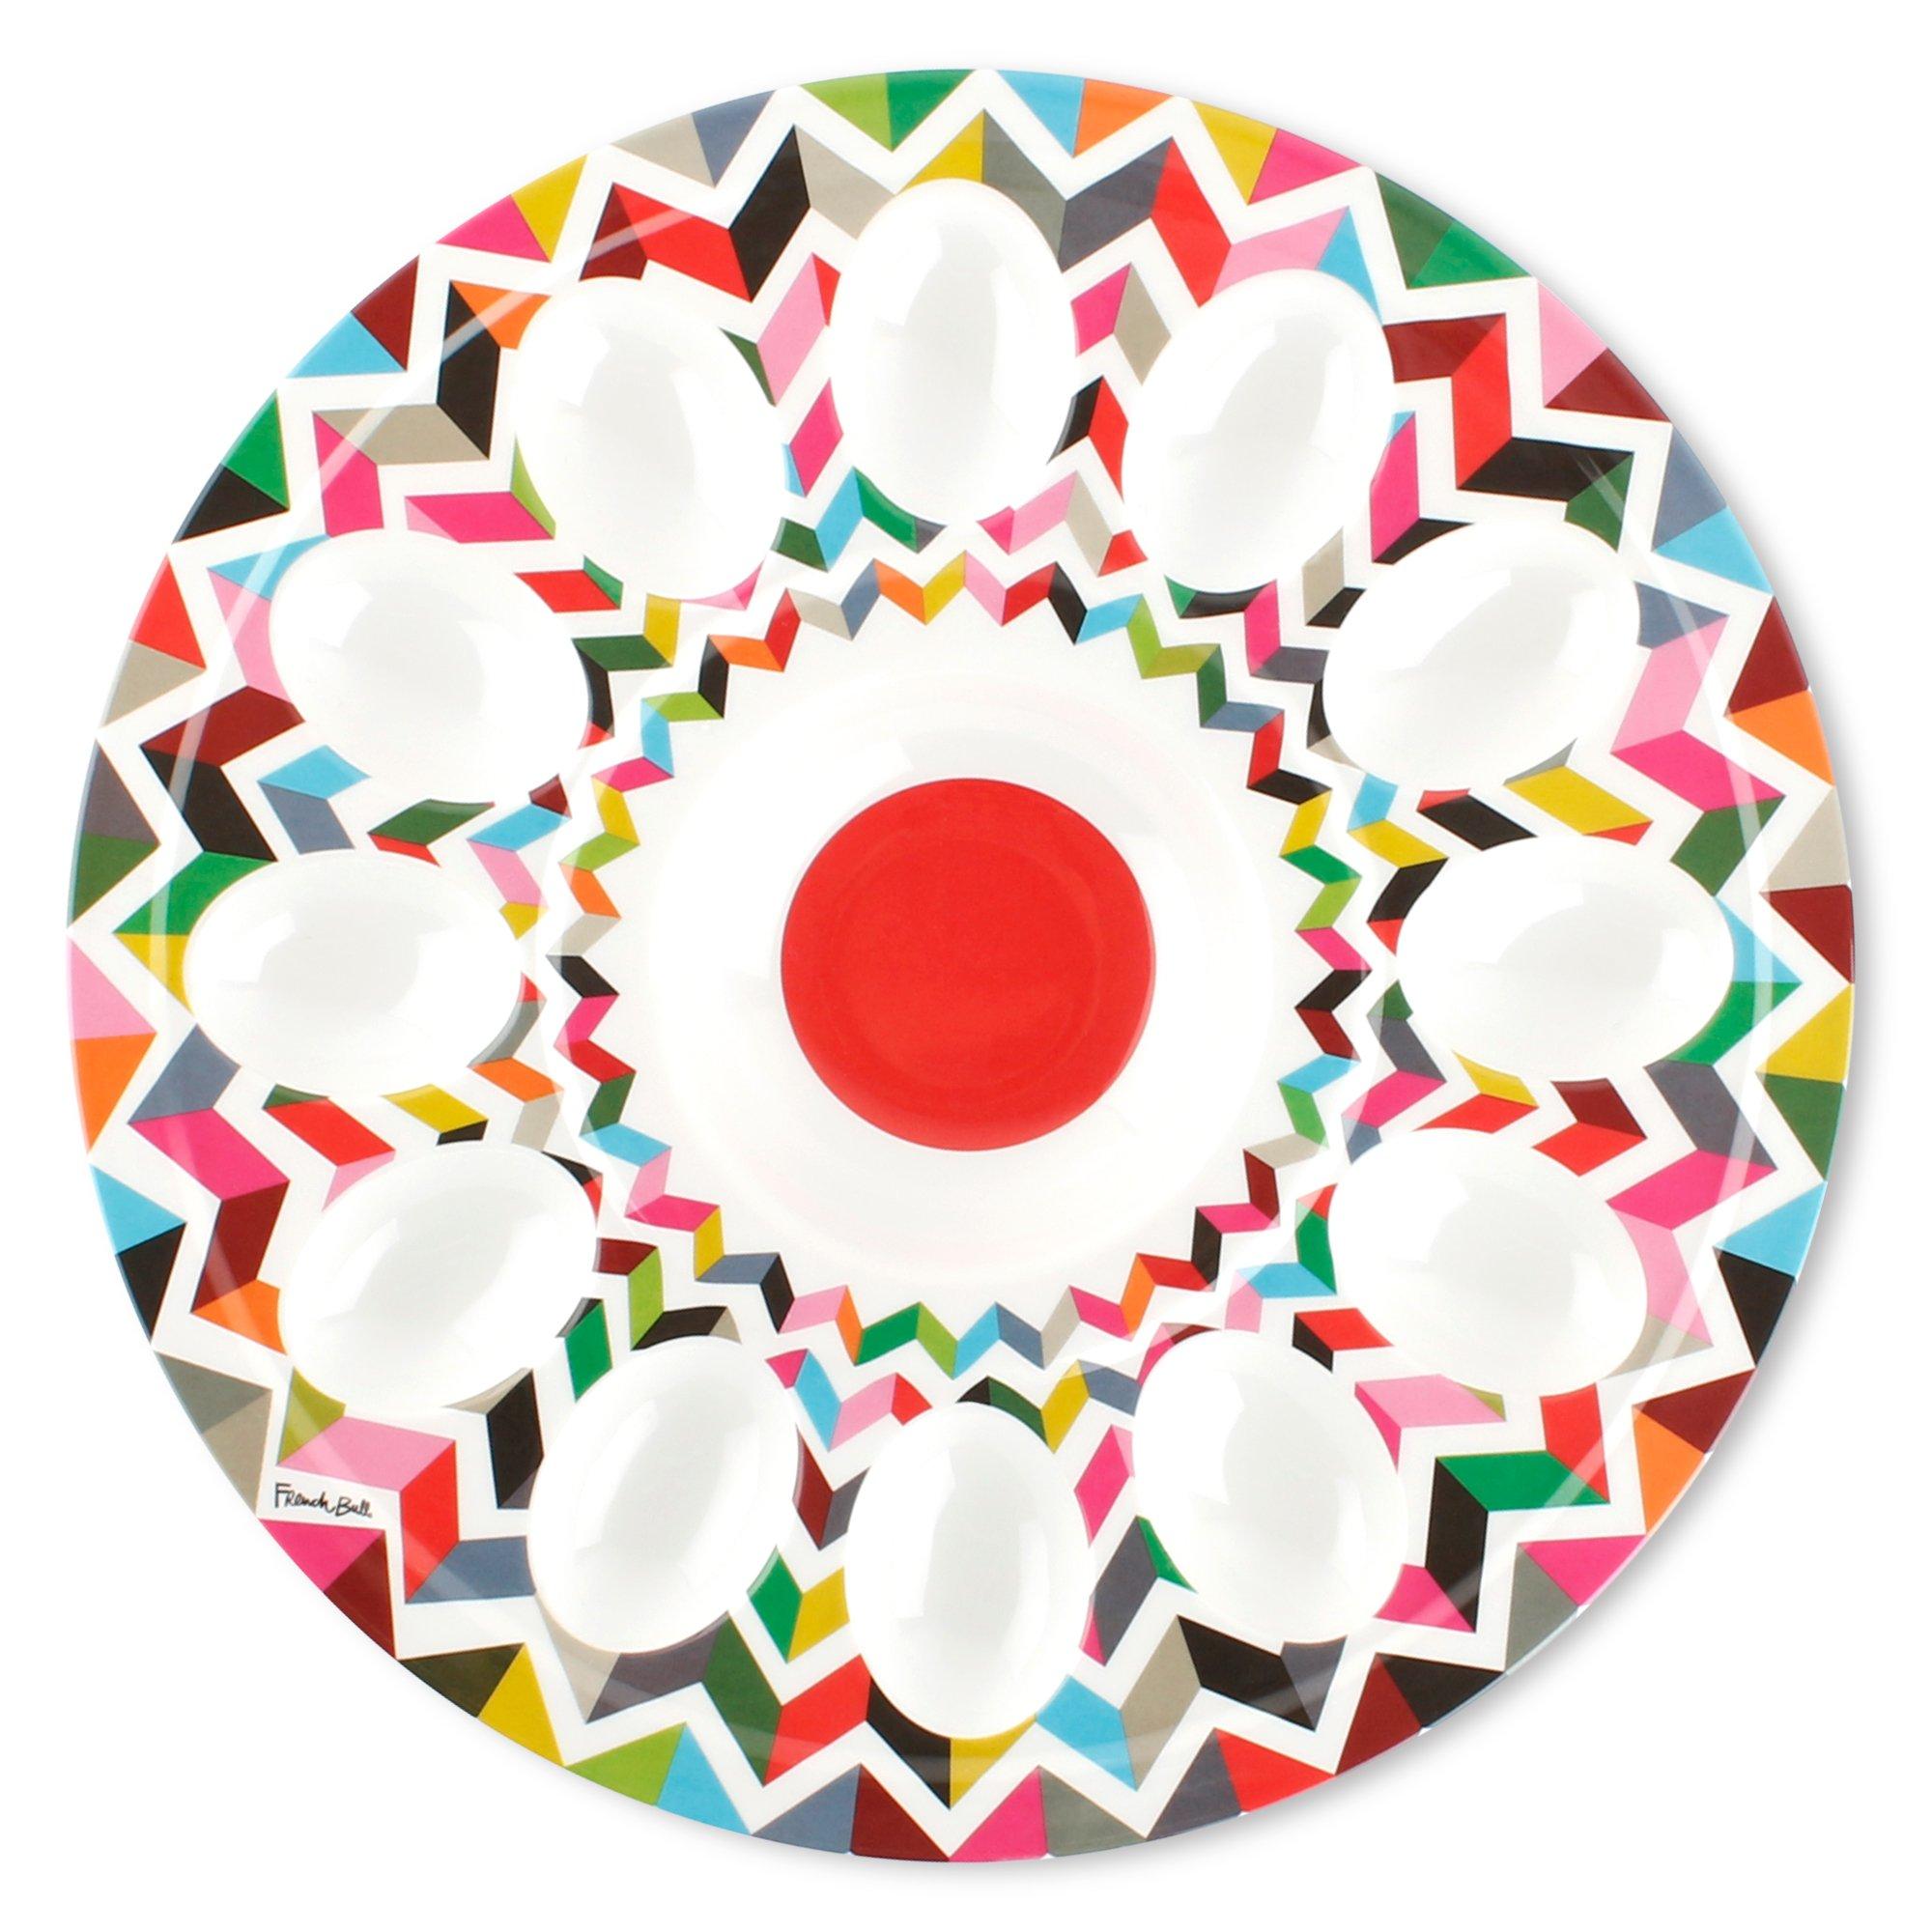 French Bull 12'' Egg Tray - Melamine Dinnerware - Platter, Dish, Serving, Deviled, Easter - Ziggy